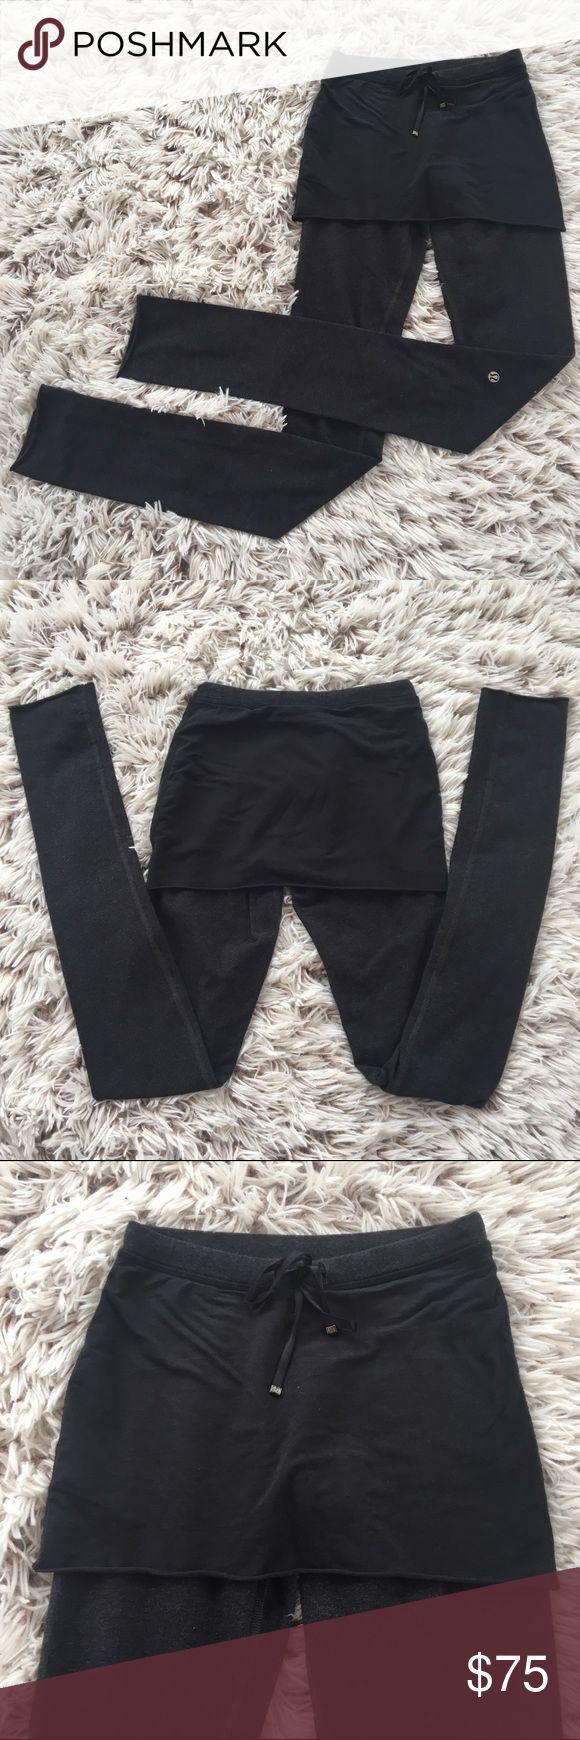 LULULEMON BLACK GRAY LEGGING SKIRT 2 Gorgeous Lululemon leggings with cover up skirt. Drawstring waist with a 31.5 inch inseam. Size 2. lululemon athletica Pants Leggings